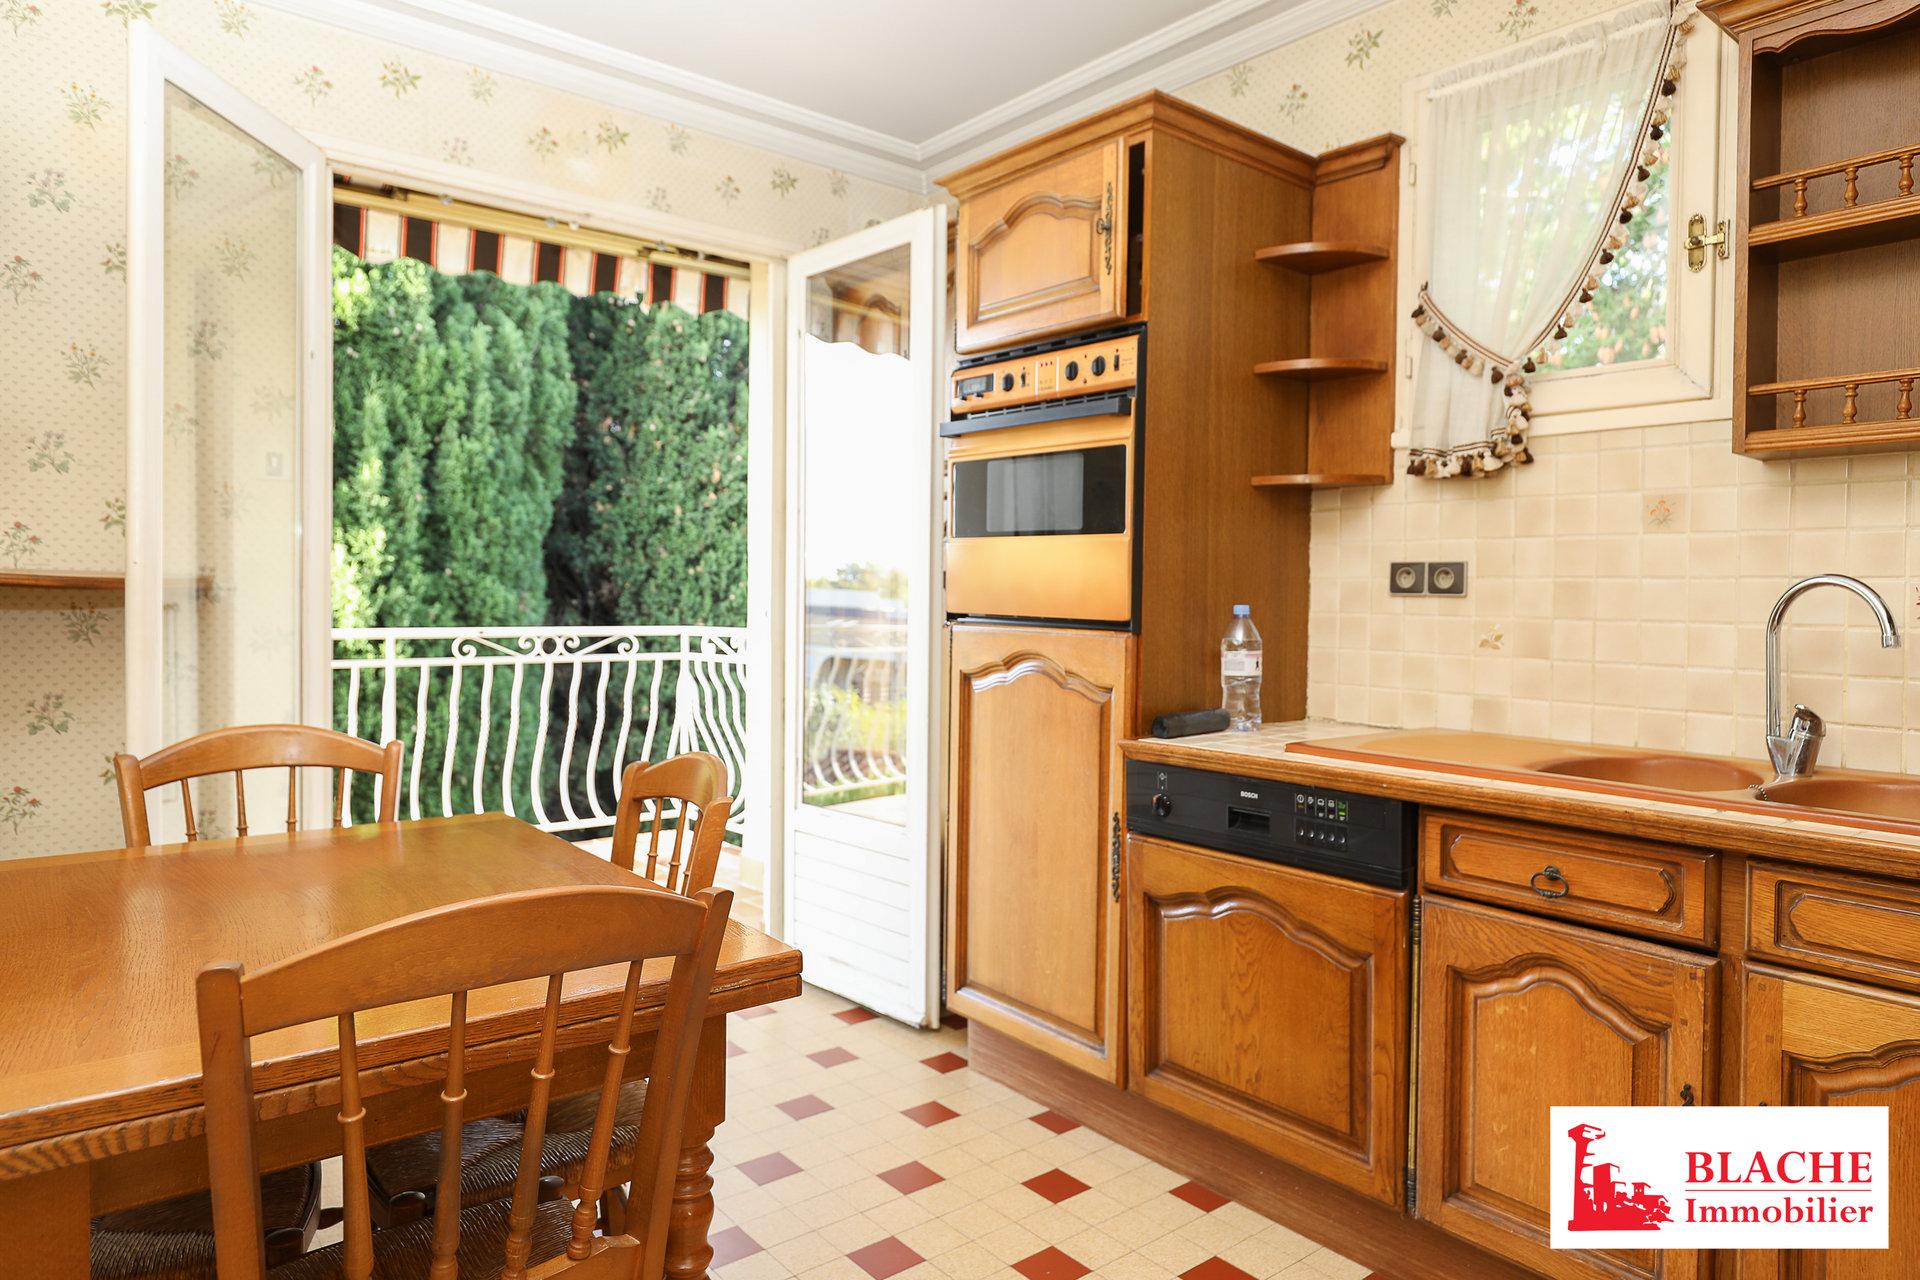 Vente Maison - La Voulte-sur-Rhône